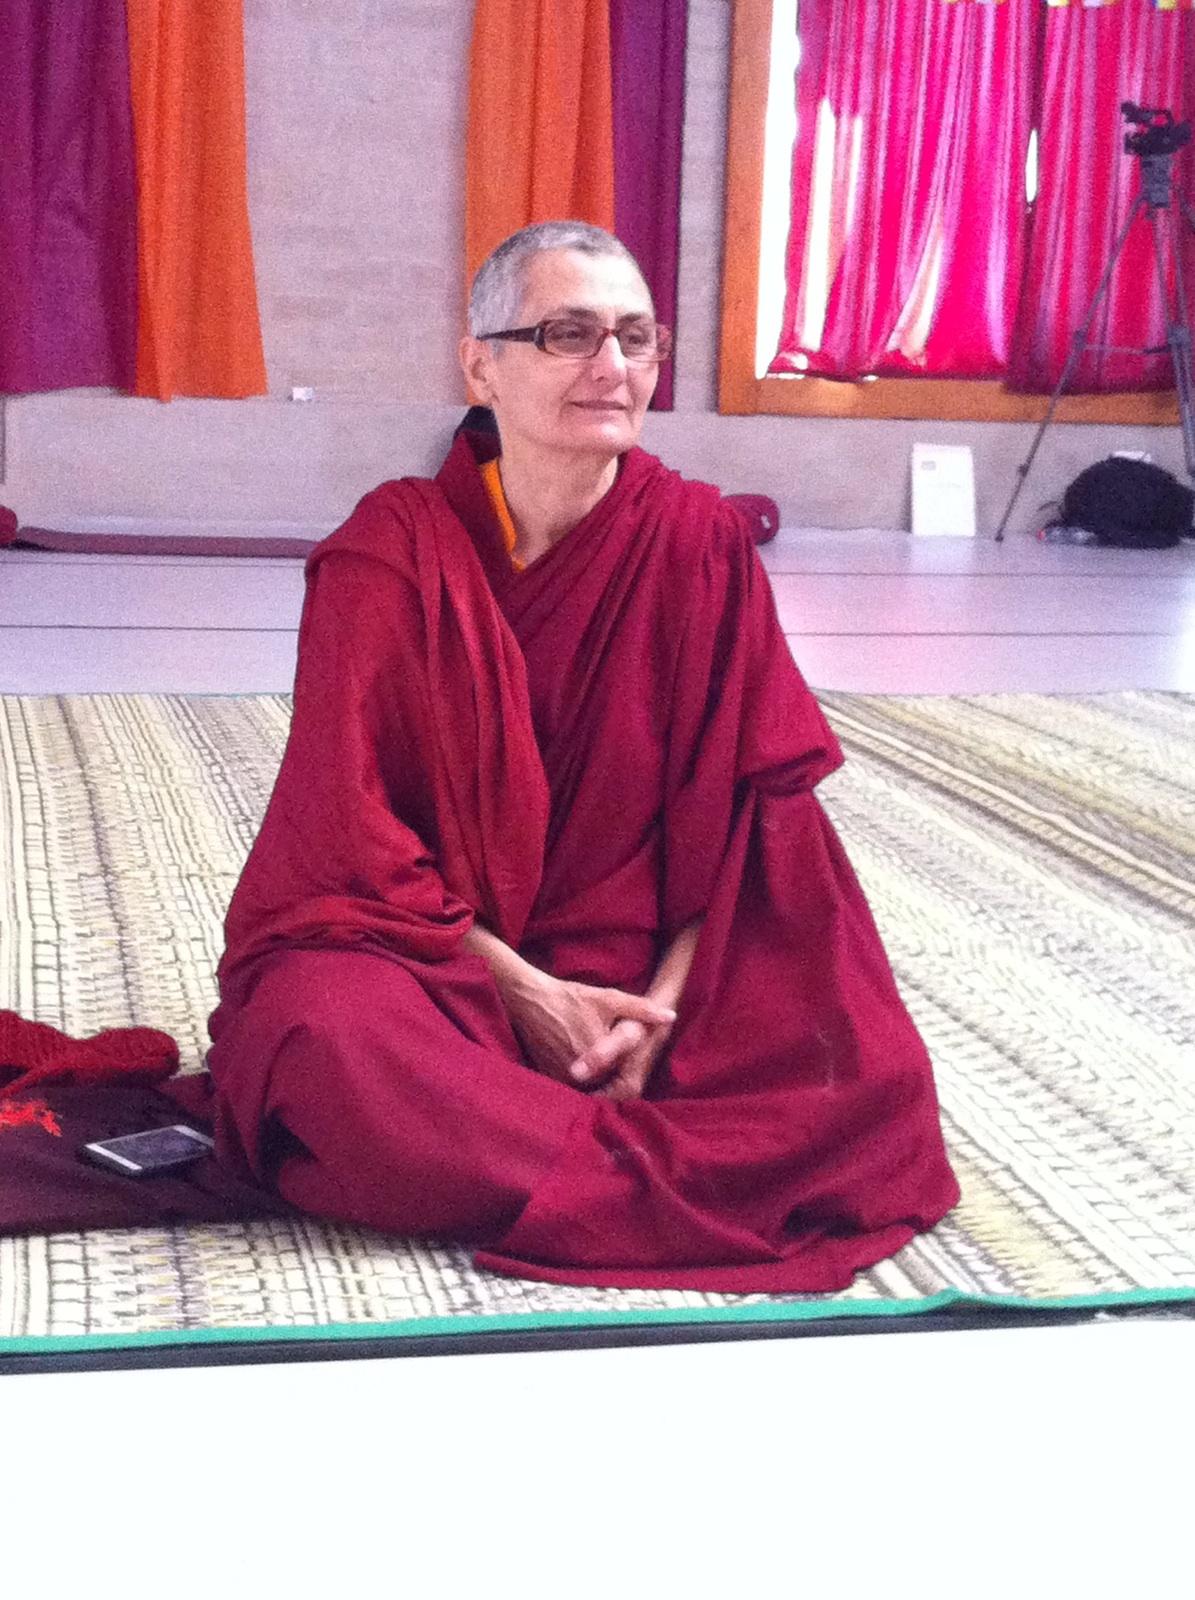 לובסנג סונאם-מורה לדהרמה- בודהיזם טיבטי-מורה לדהרמה- בודהיזם טיבטי